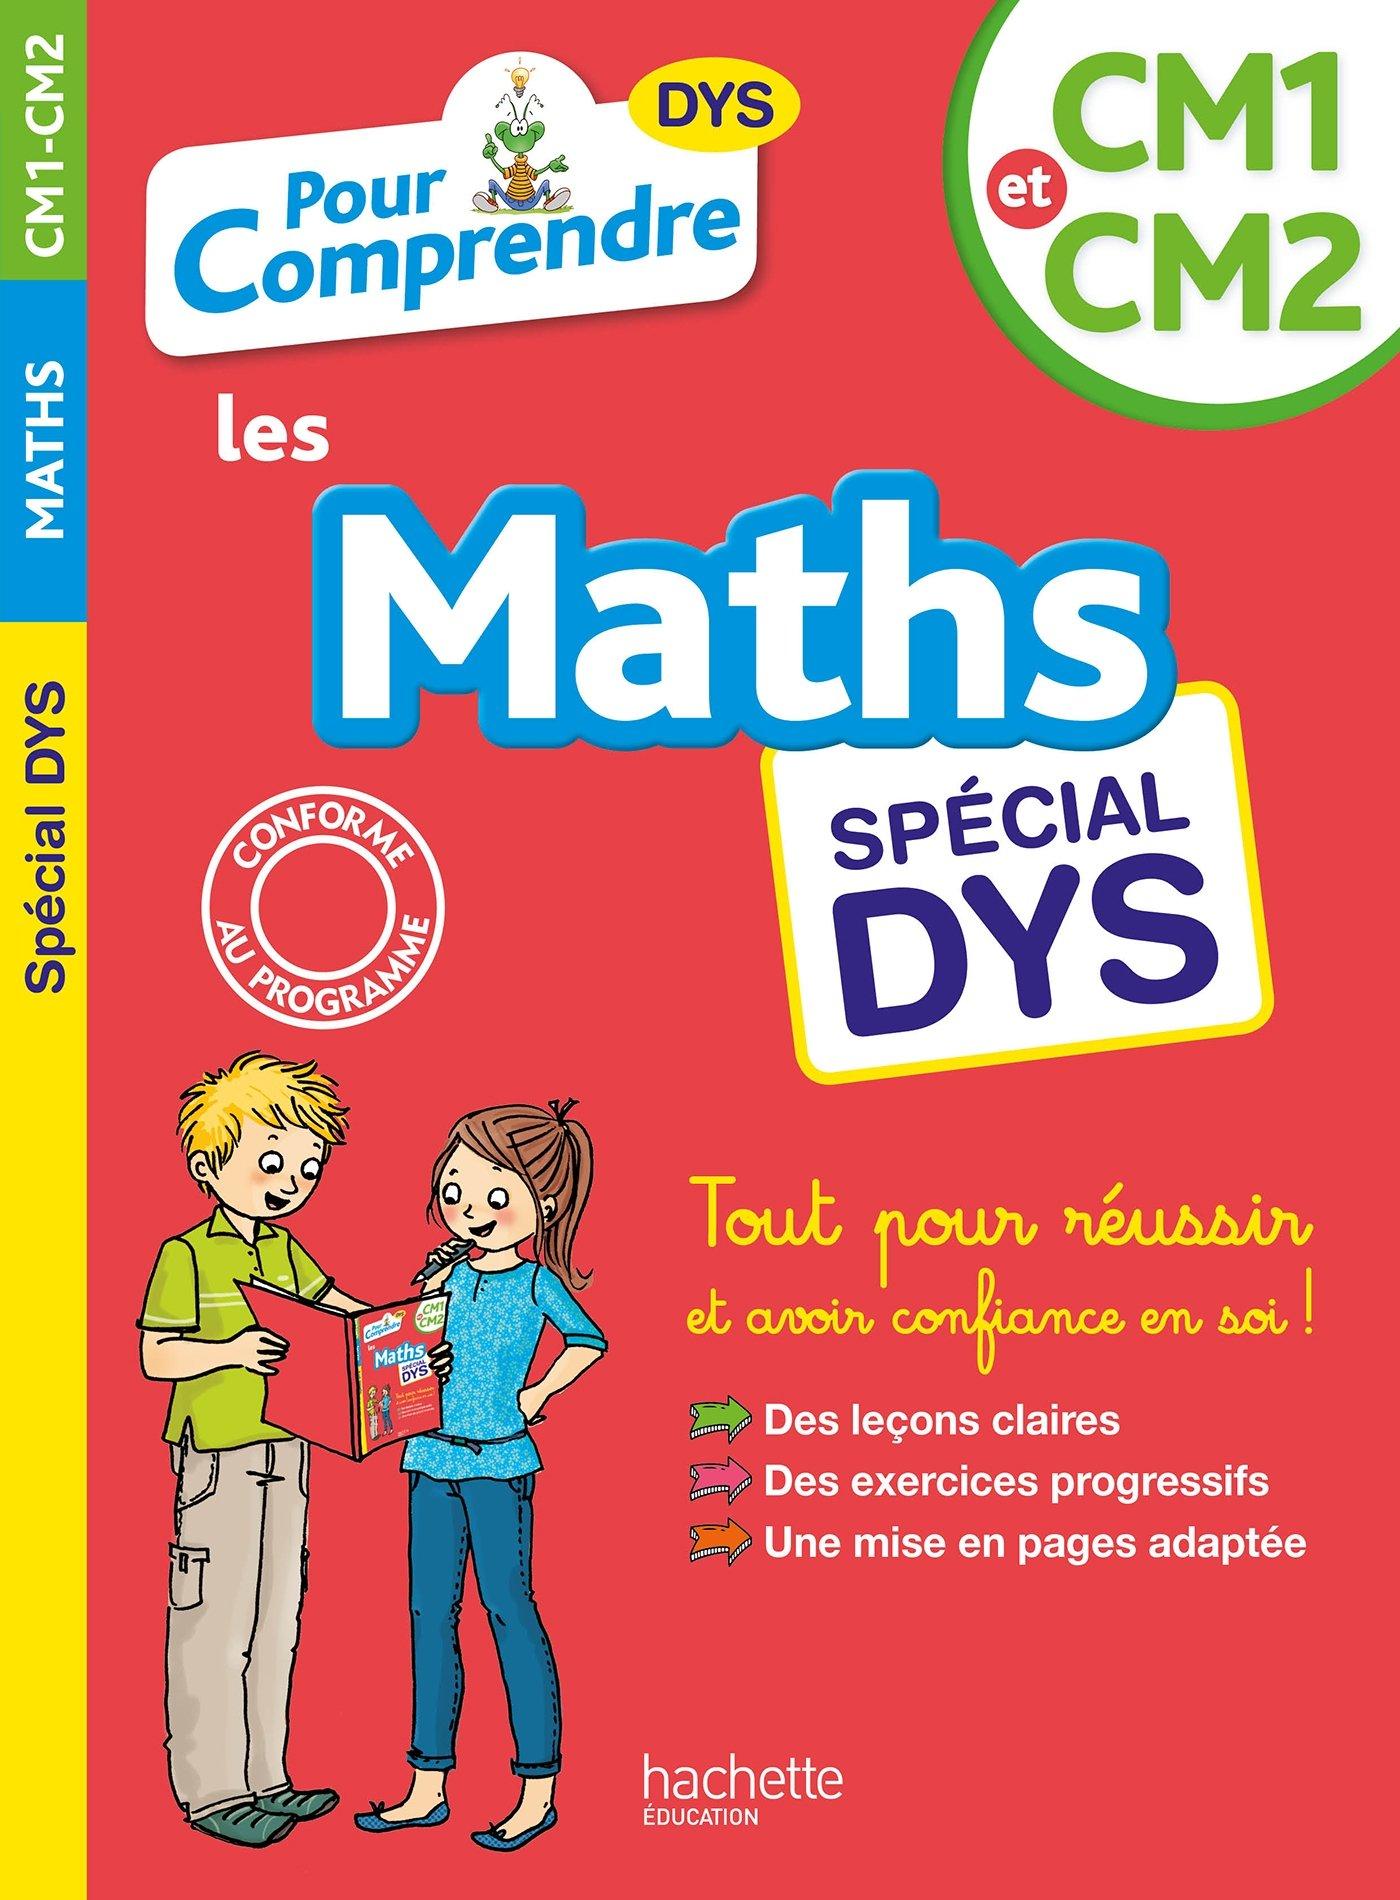 Amazon Fr Pour Comprendre Maths Cm1 Cm2 Special Dys Dyslexie Et Difficultes D Apprentissage Bremont Laure Bremont Pierre Viron Valerie Livres